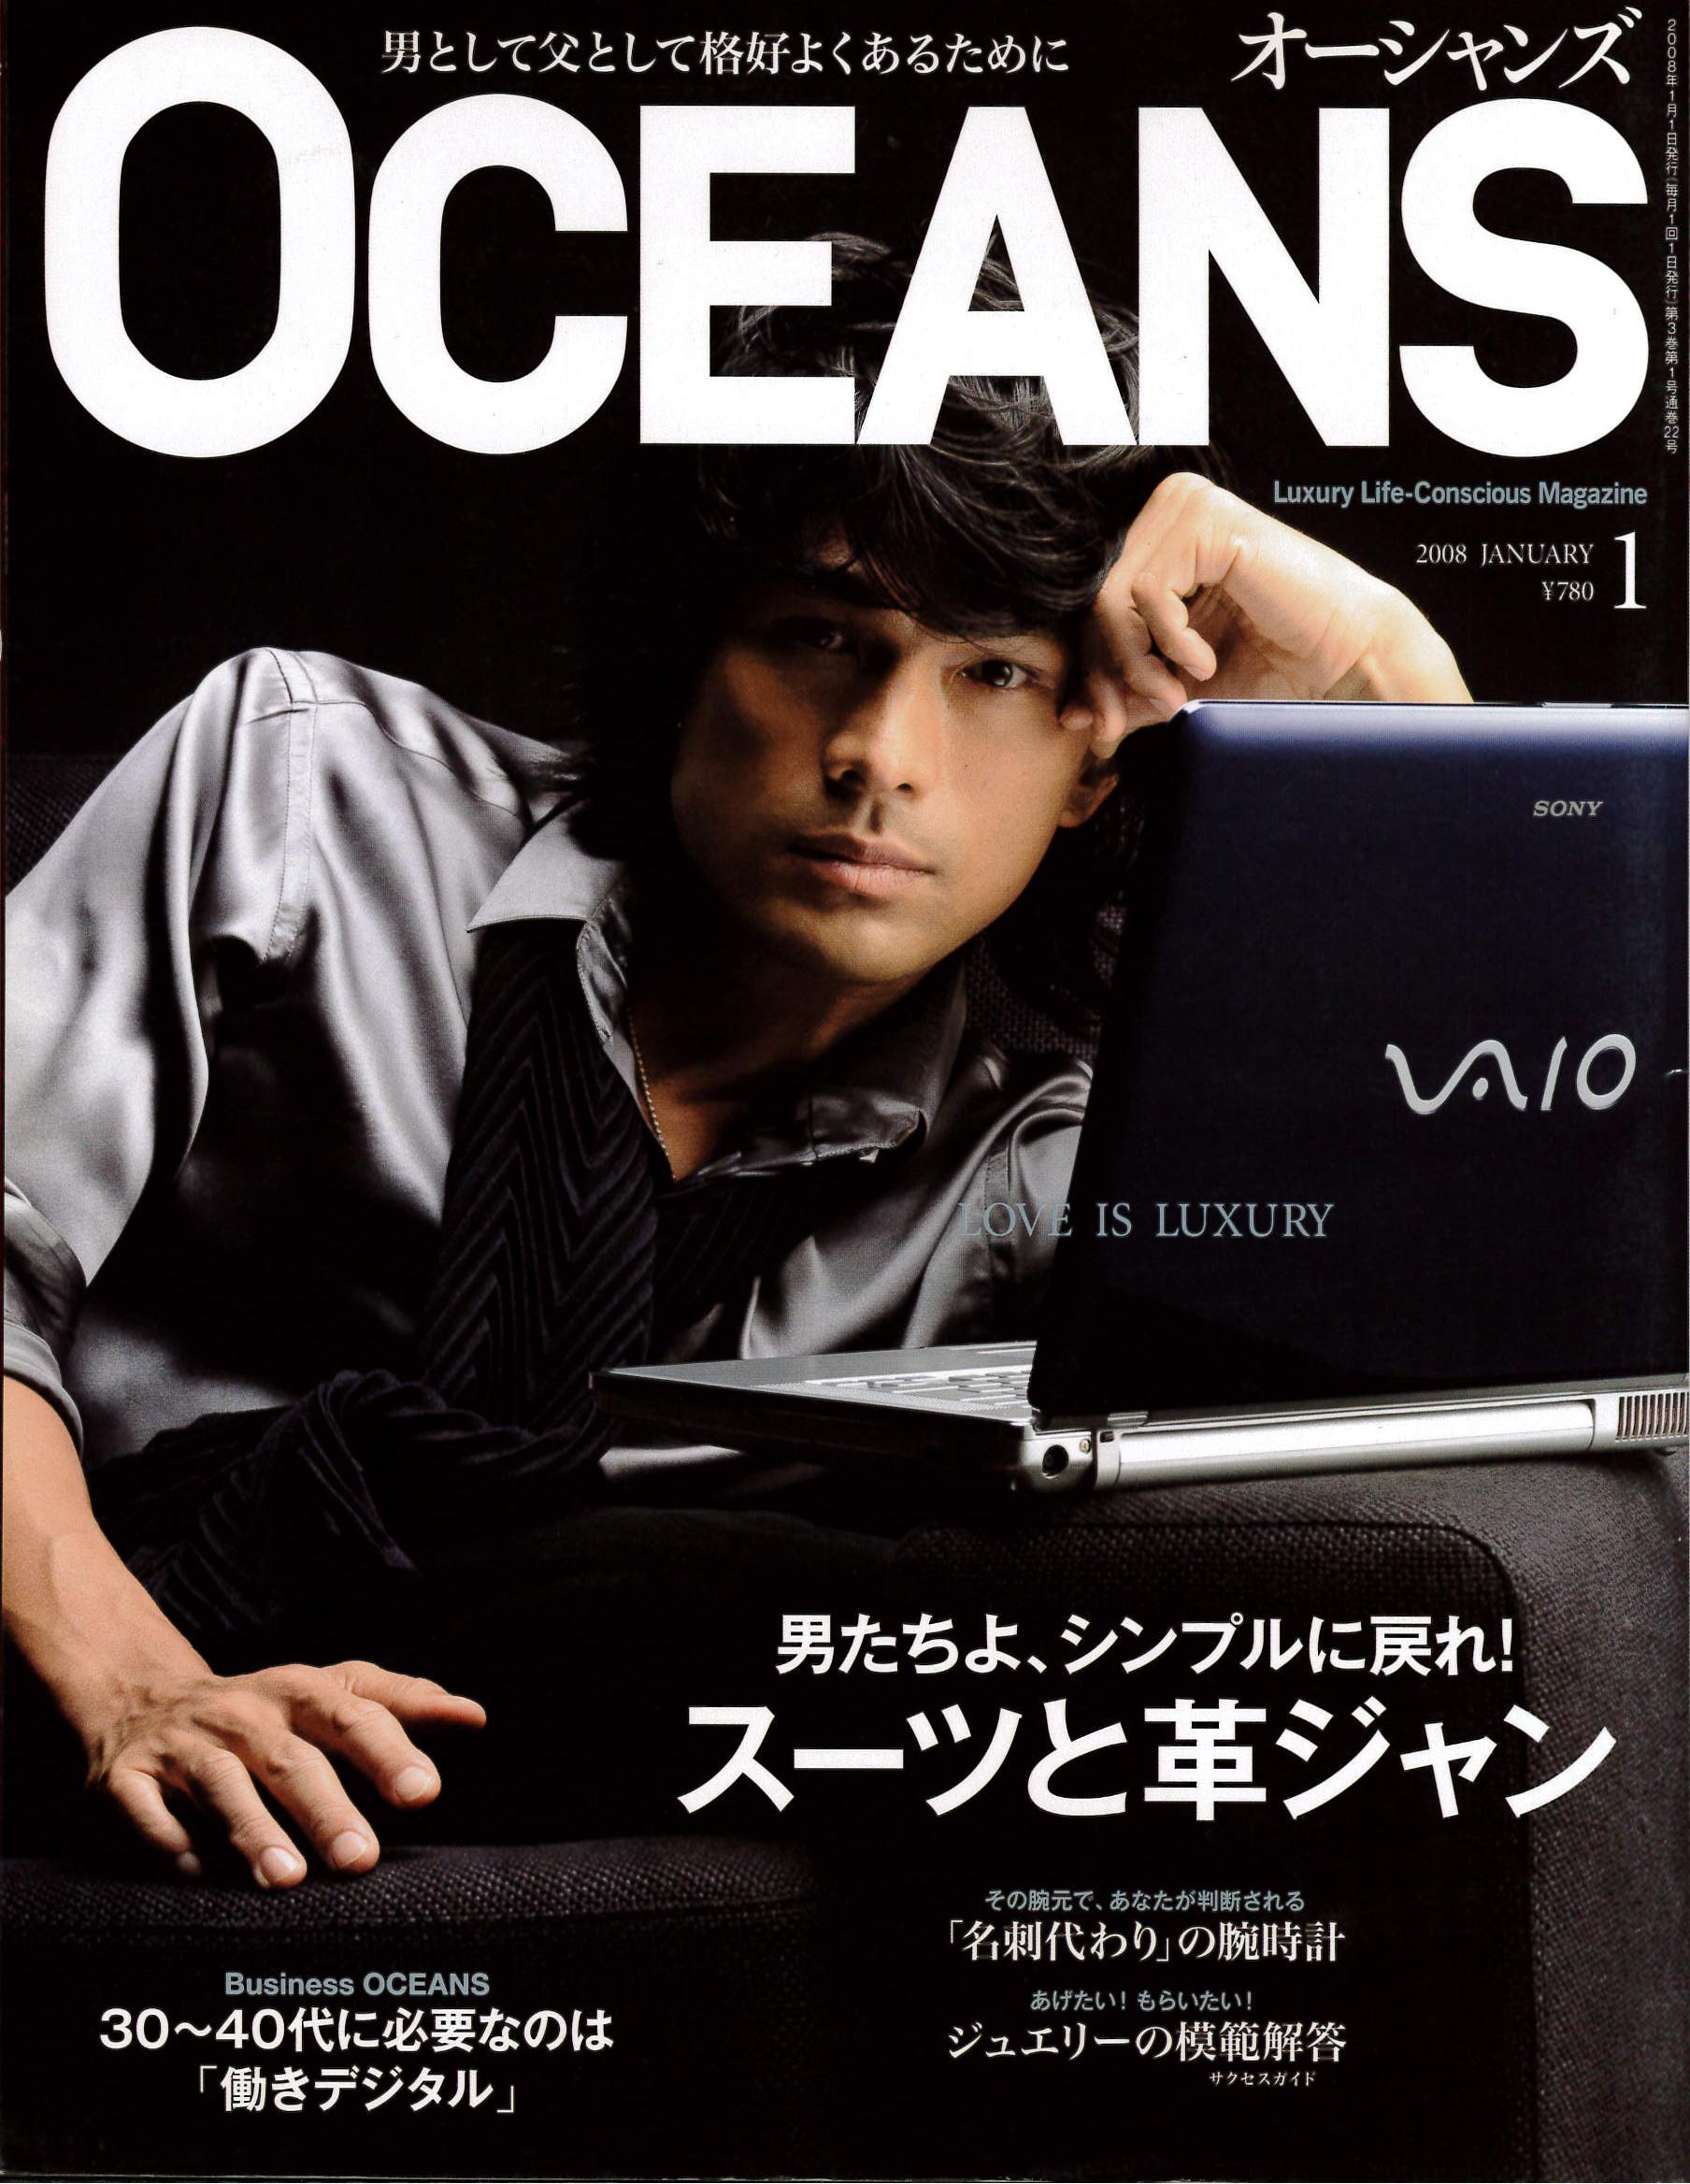 インターナショナルラグジュアリーメディア「OCEANS」